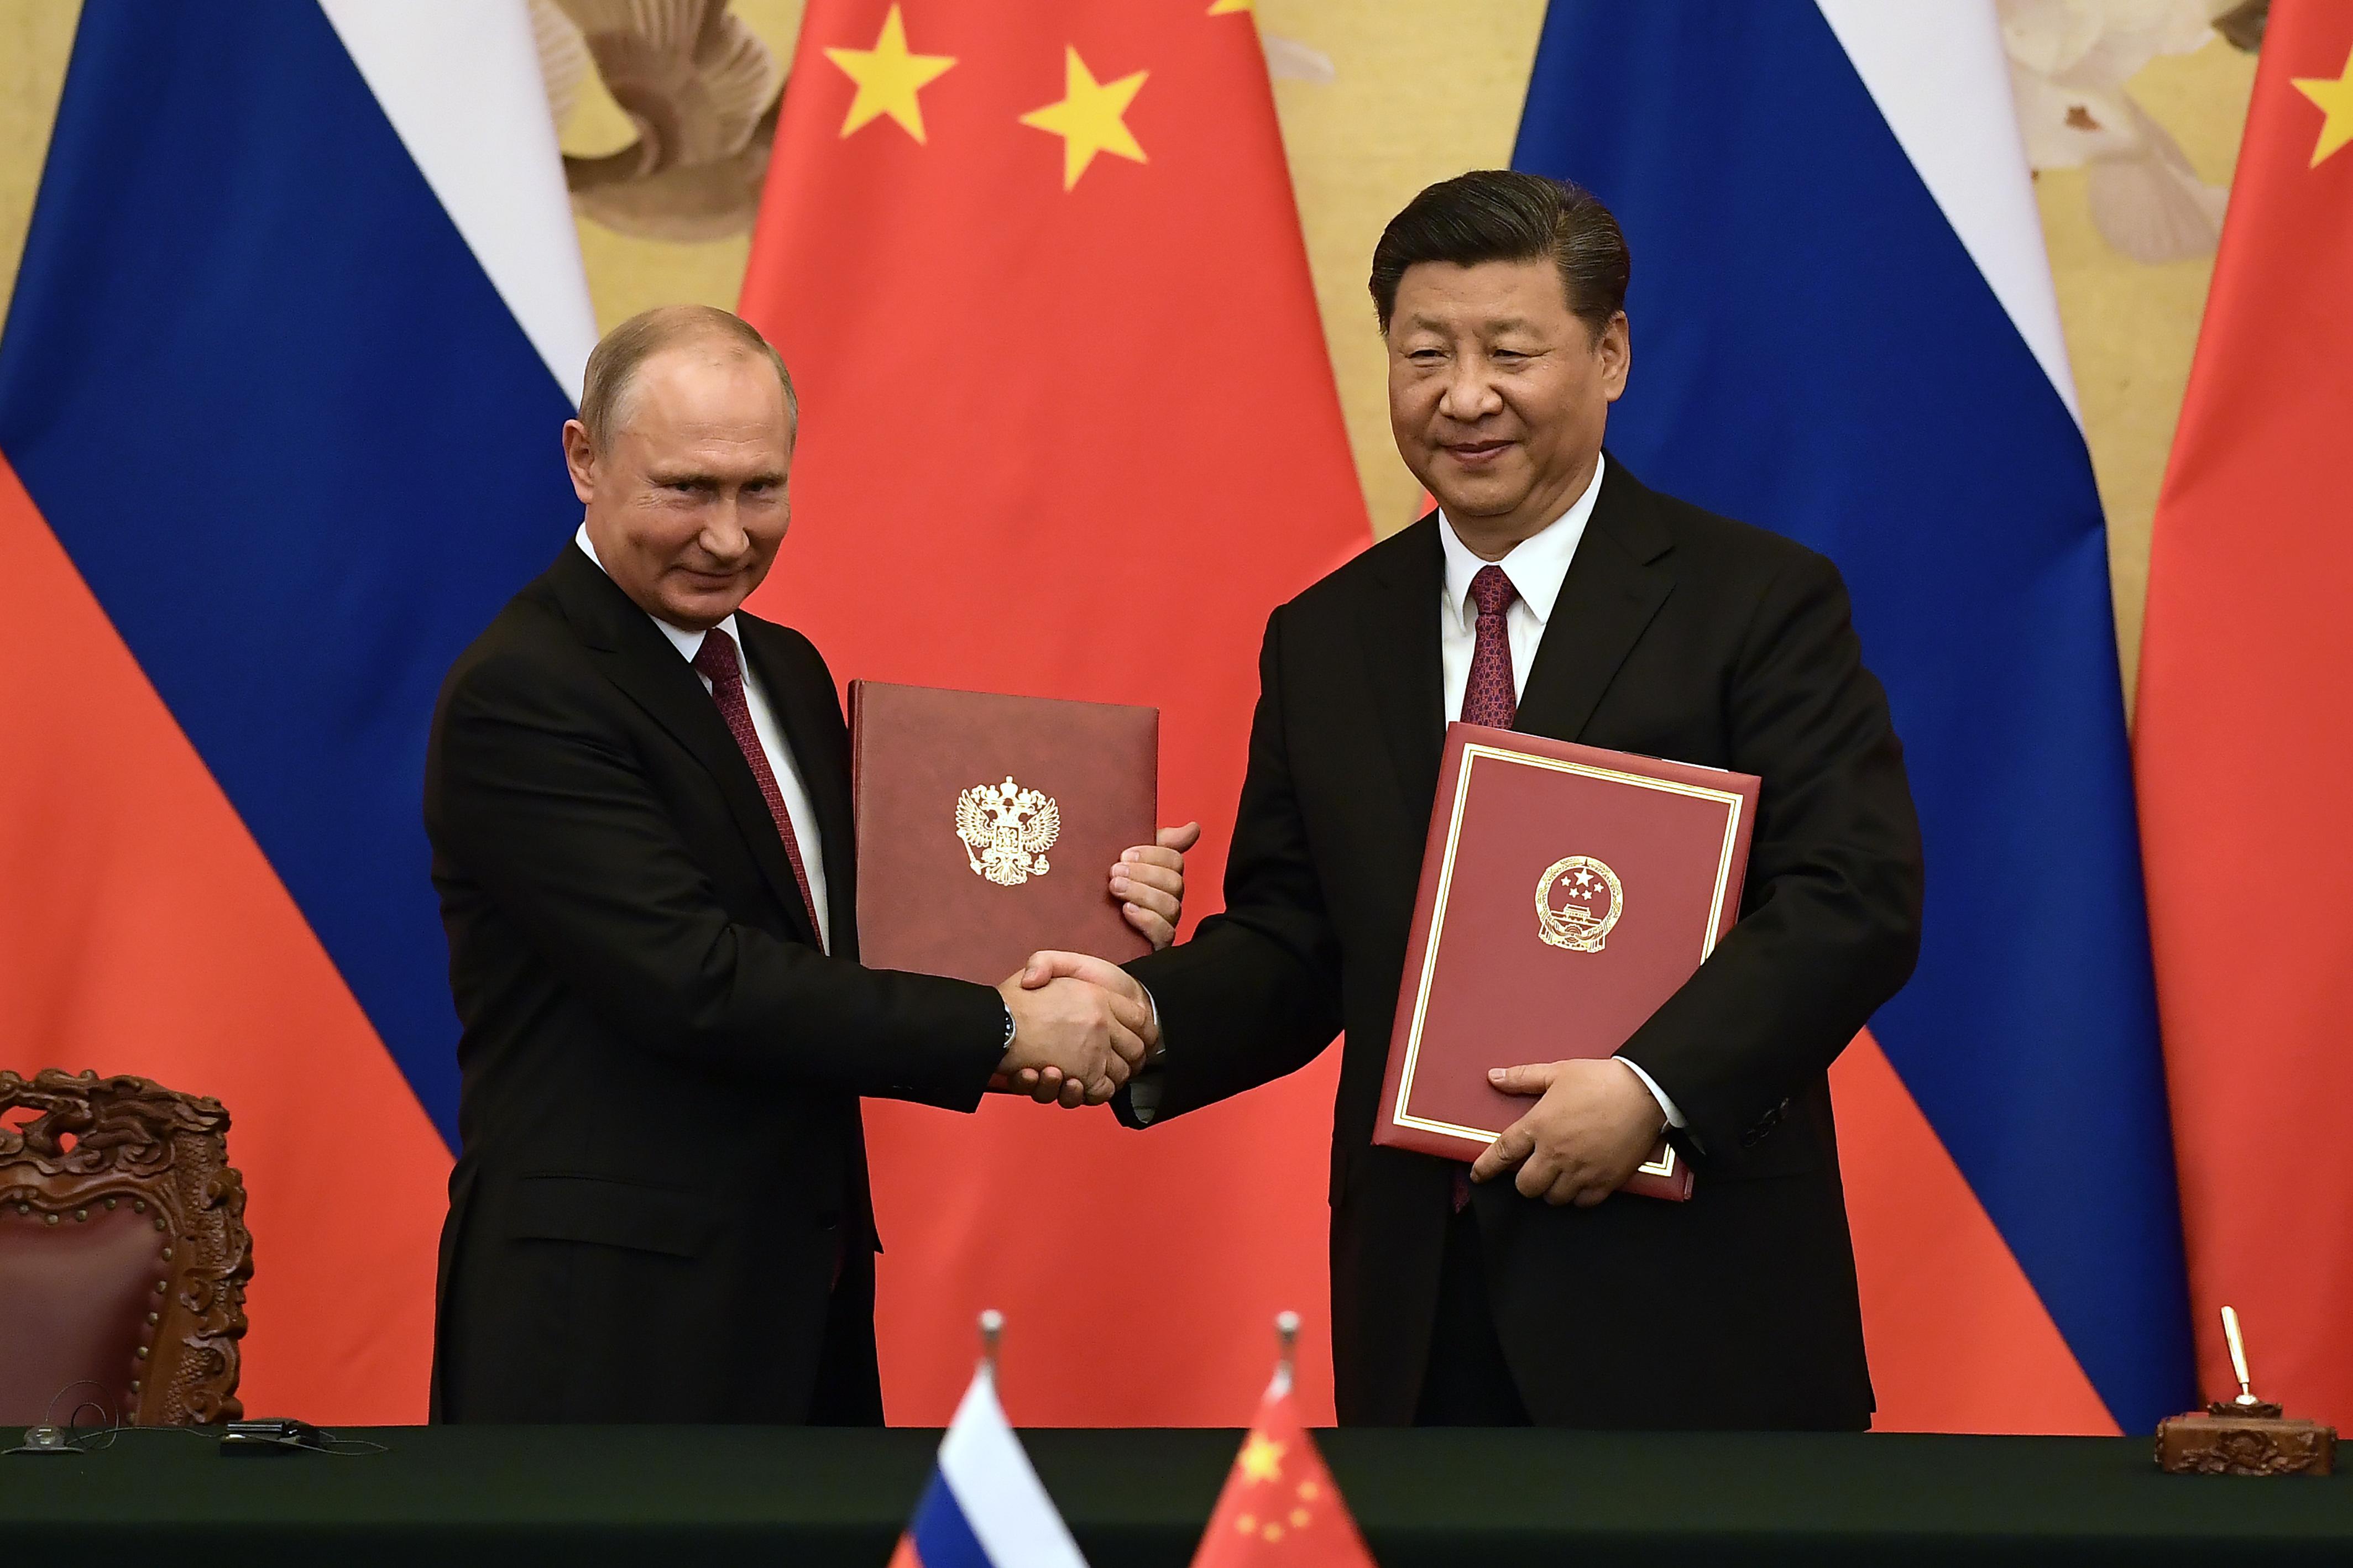 Moszkva és Peking nemzetbiztonsági fenyegetésnek tekinti az amerikai katonai biológiai tevékenységet